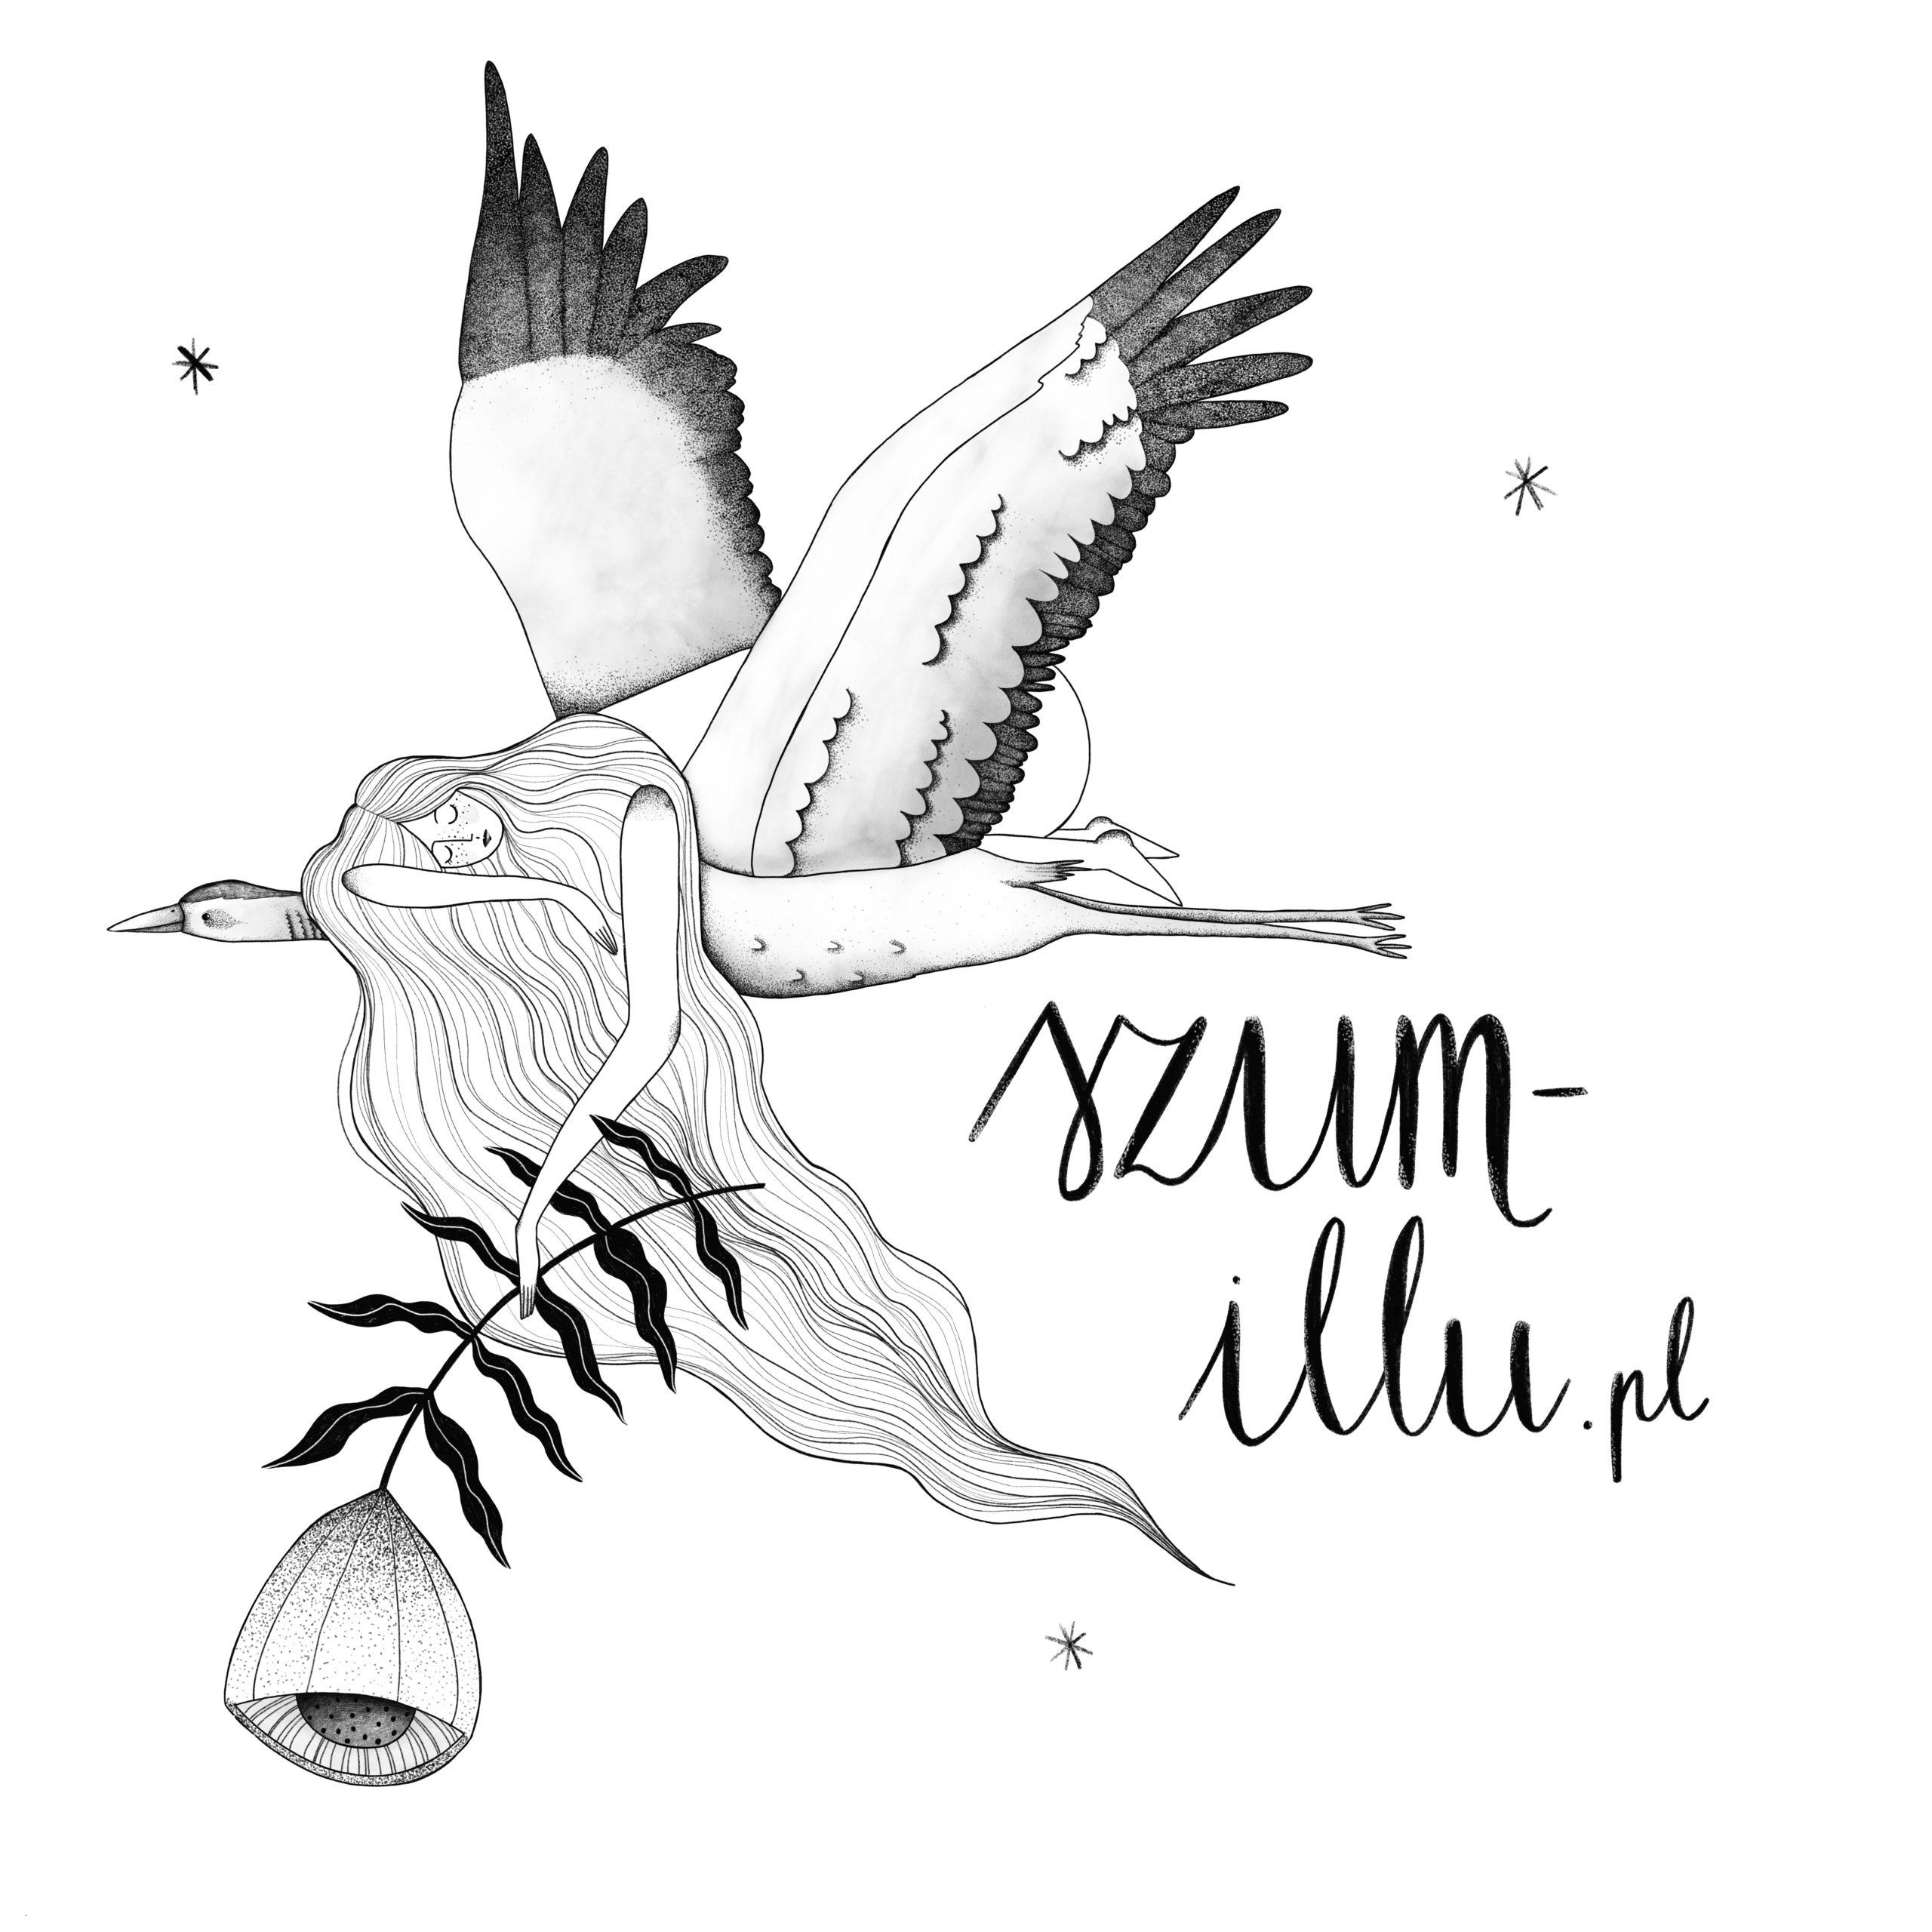 Sklep z ilustracjami i sztuką od Szumowskiej